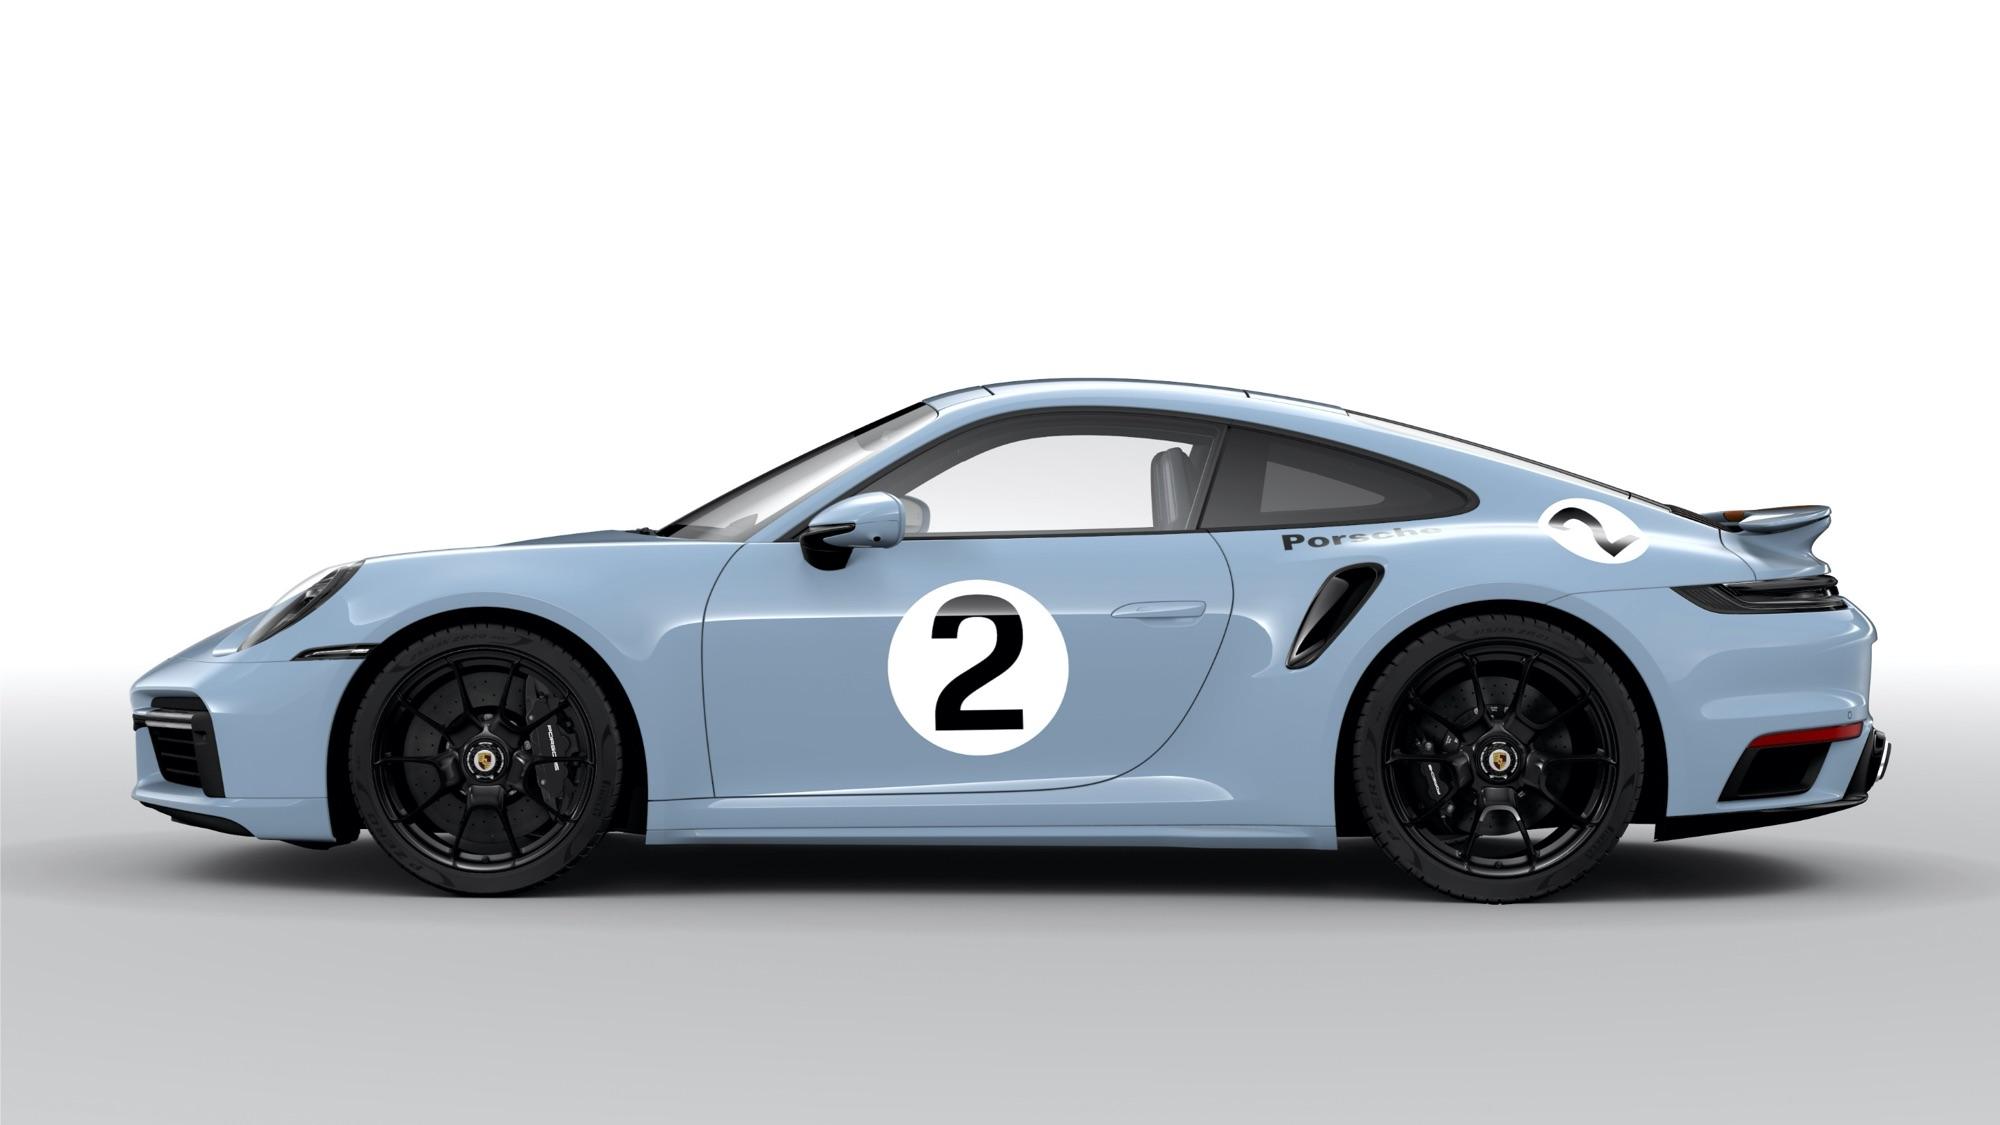 Pasado y futuro convergen en esta versión inigualable y exclusiva del Porsche 911 Turbo S